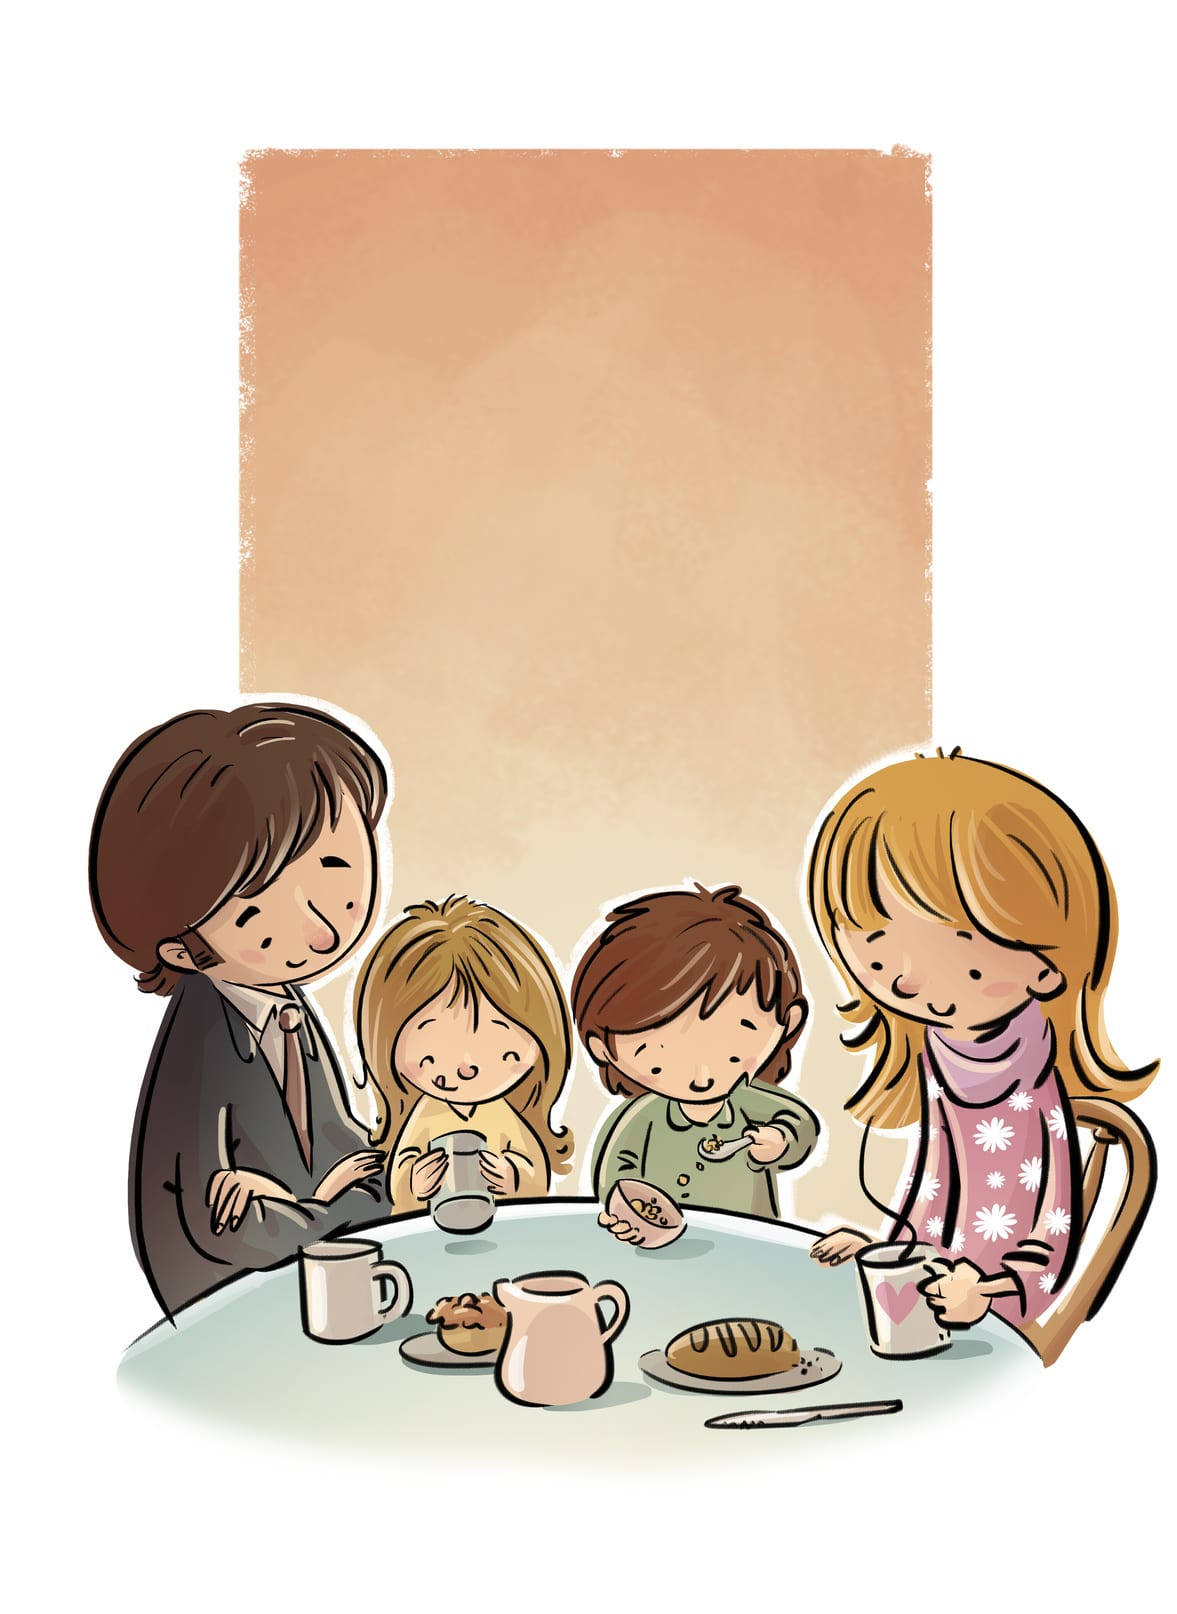 אכילה בררנית